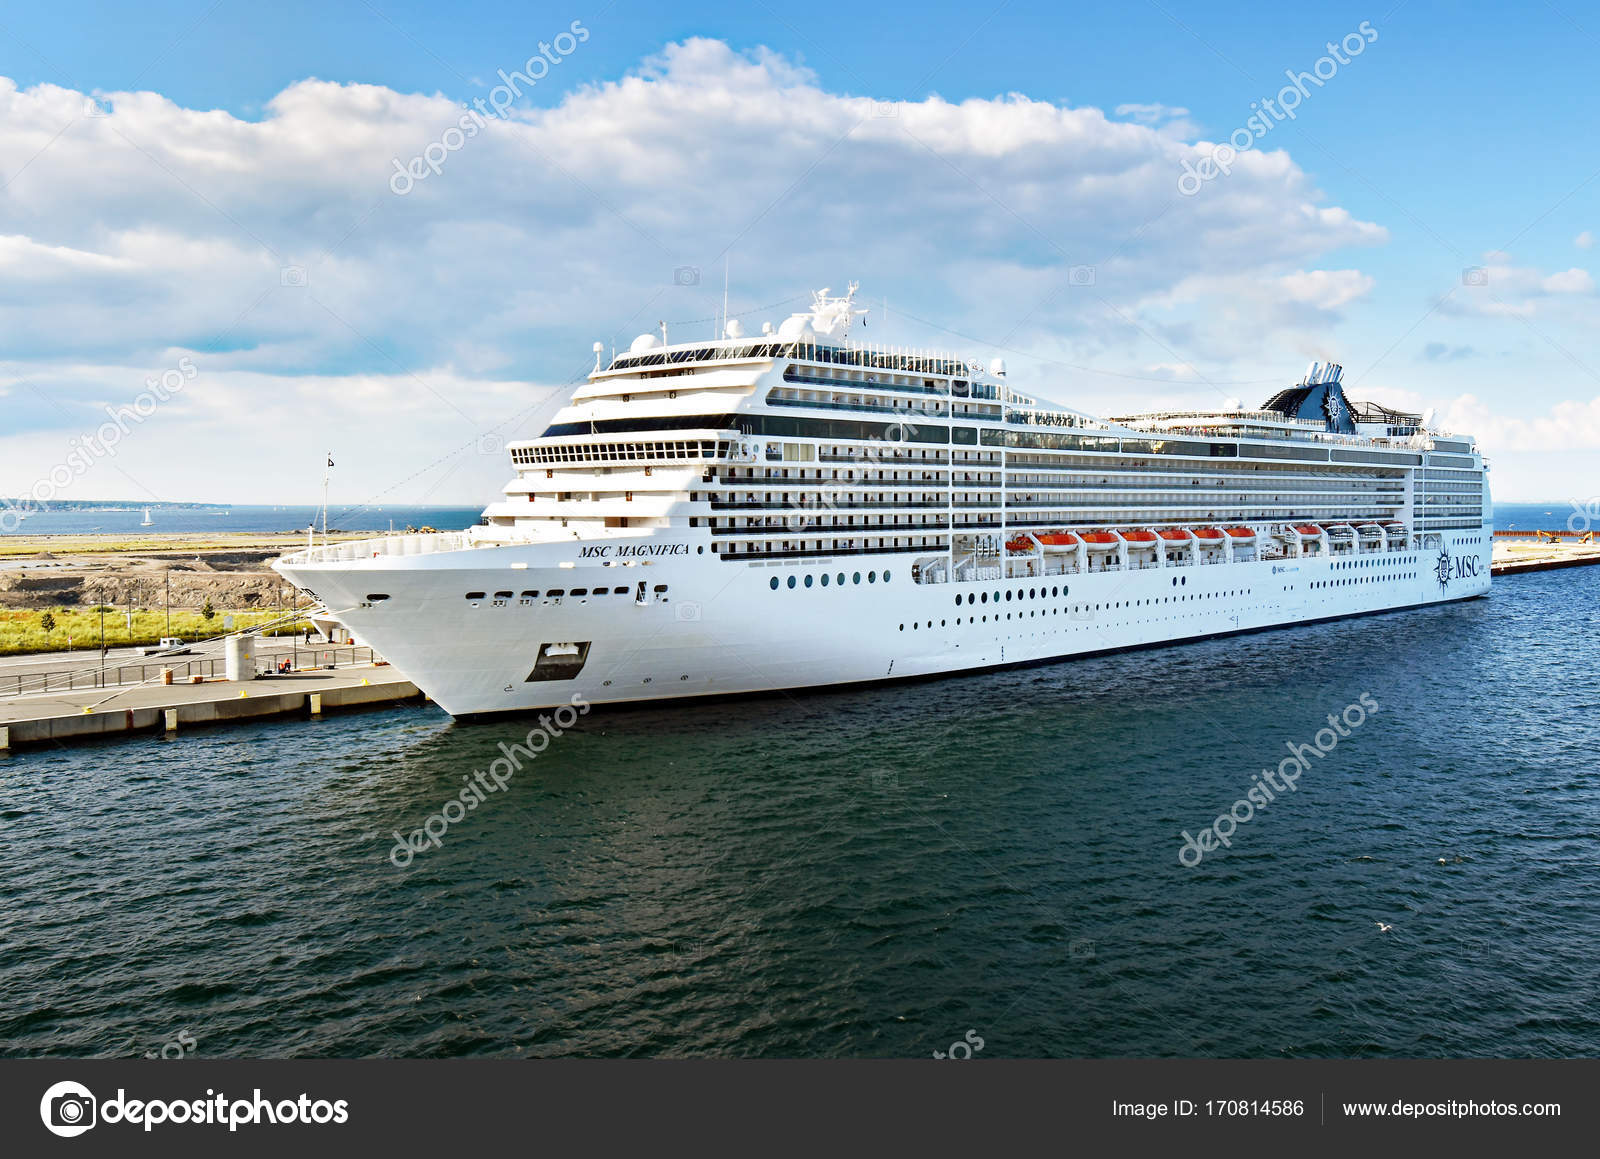 Navio de cruzeiro msc magnifica em copenhaga dinamarca for Msc magnifica foto